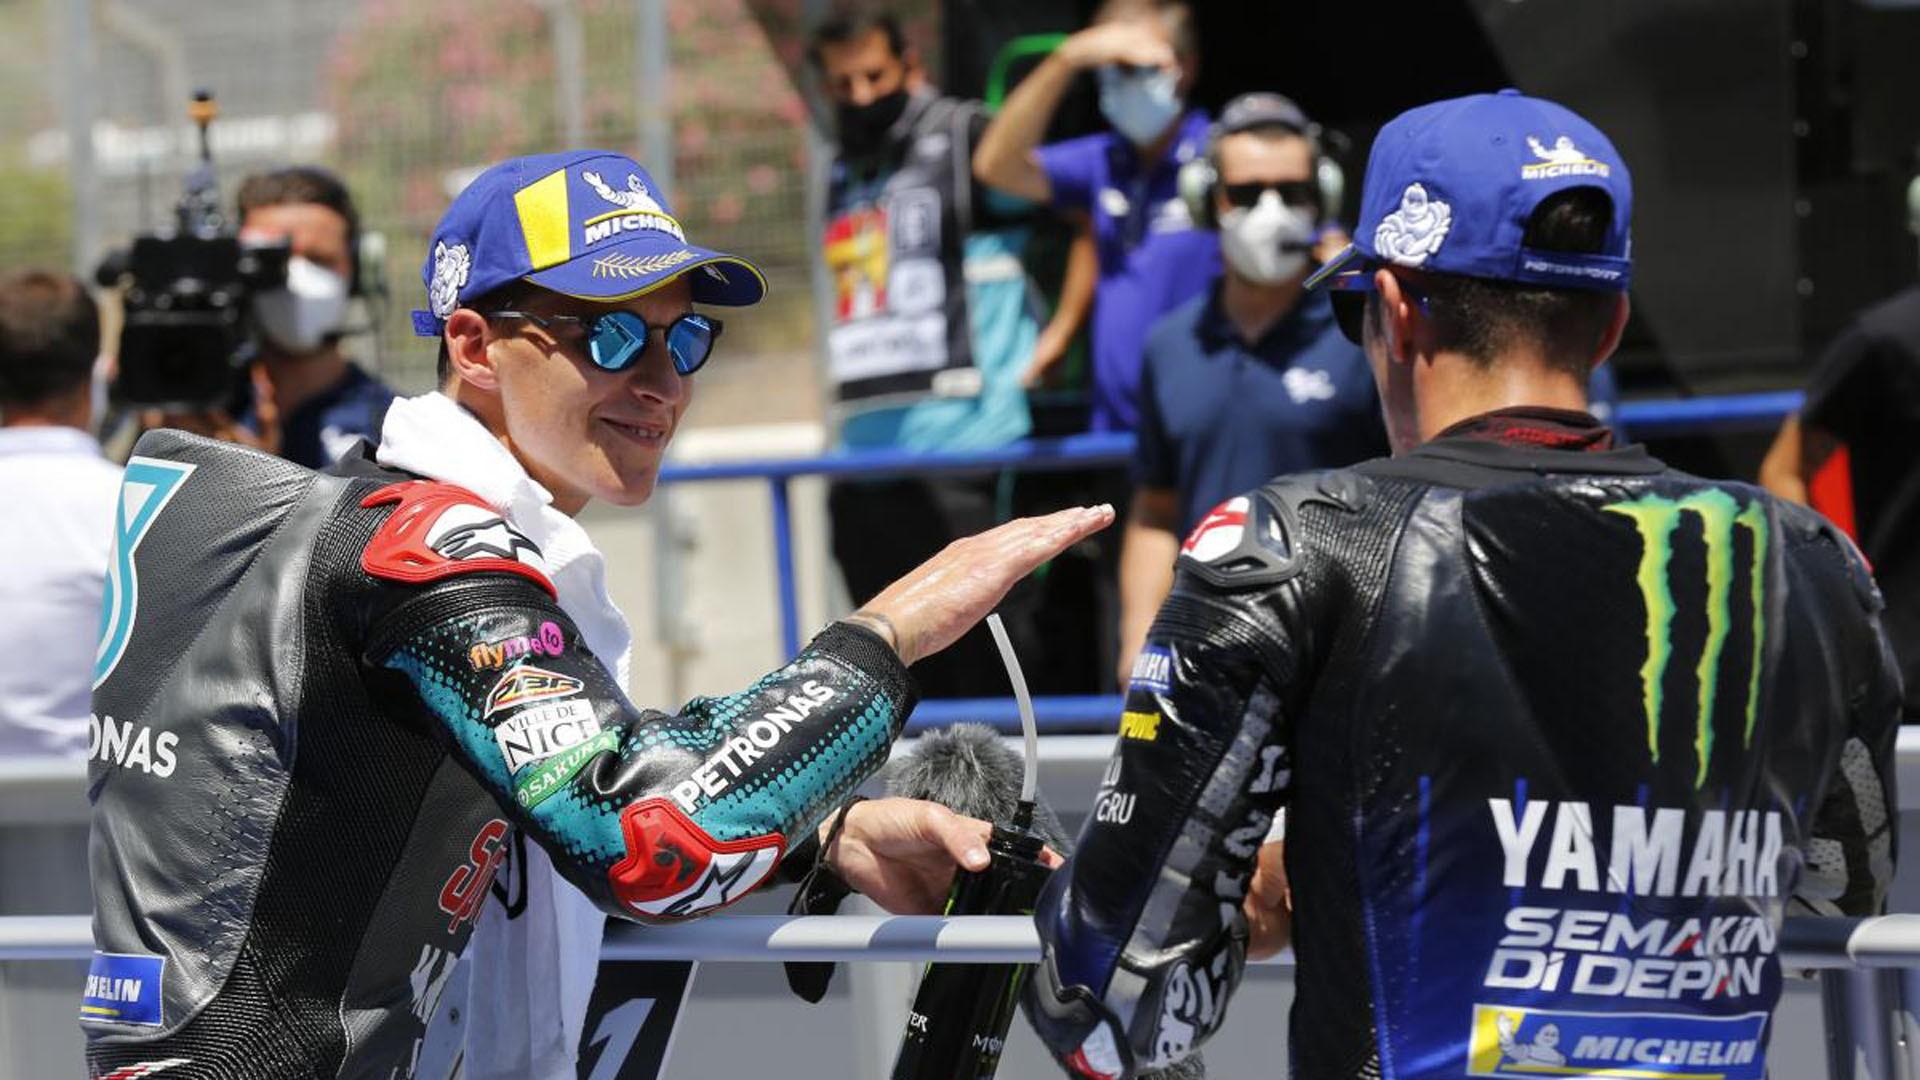 Quartararo domina en Moto GP, pole para Bezecchi en Moto 2 y Suzuki repite primera posición en Moto 3